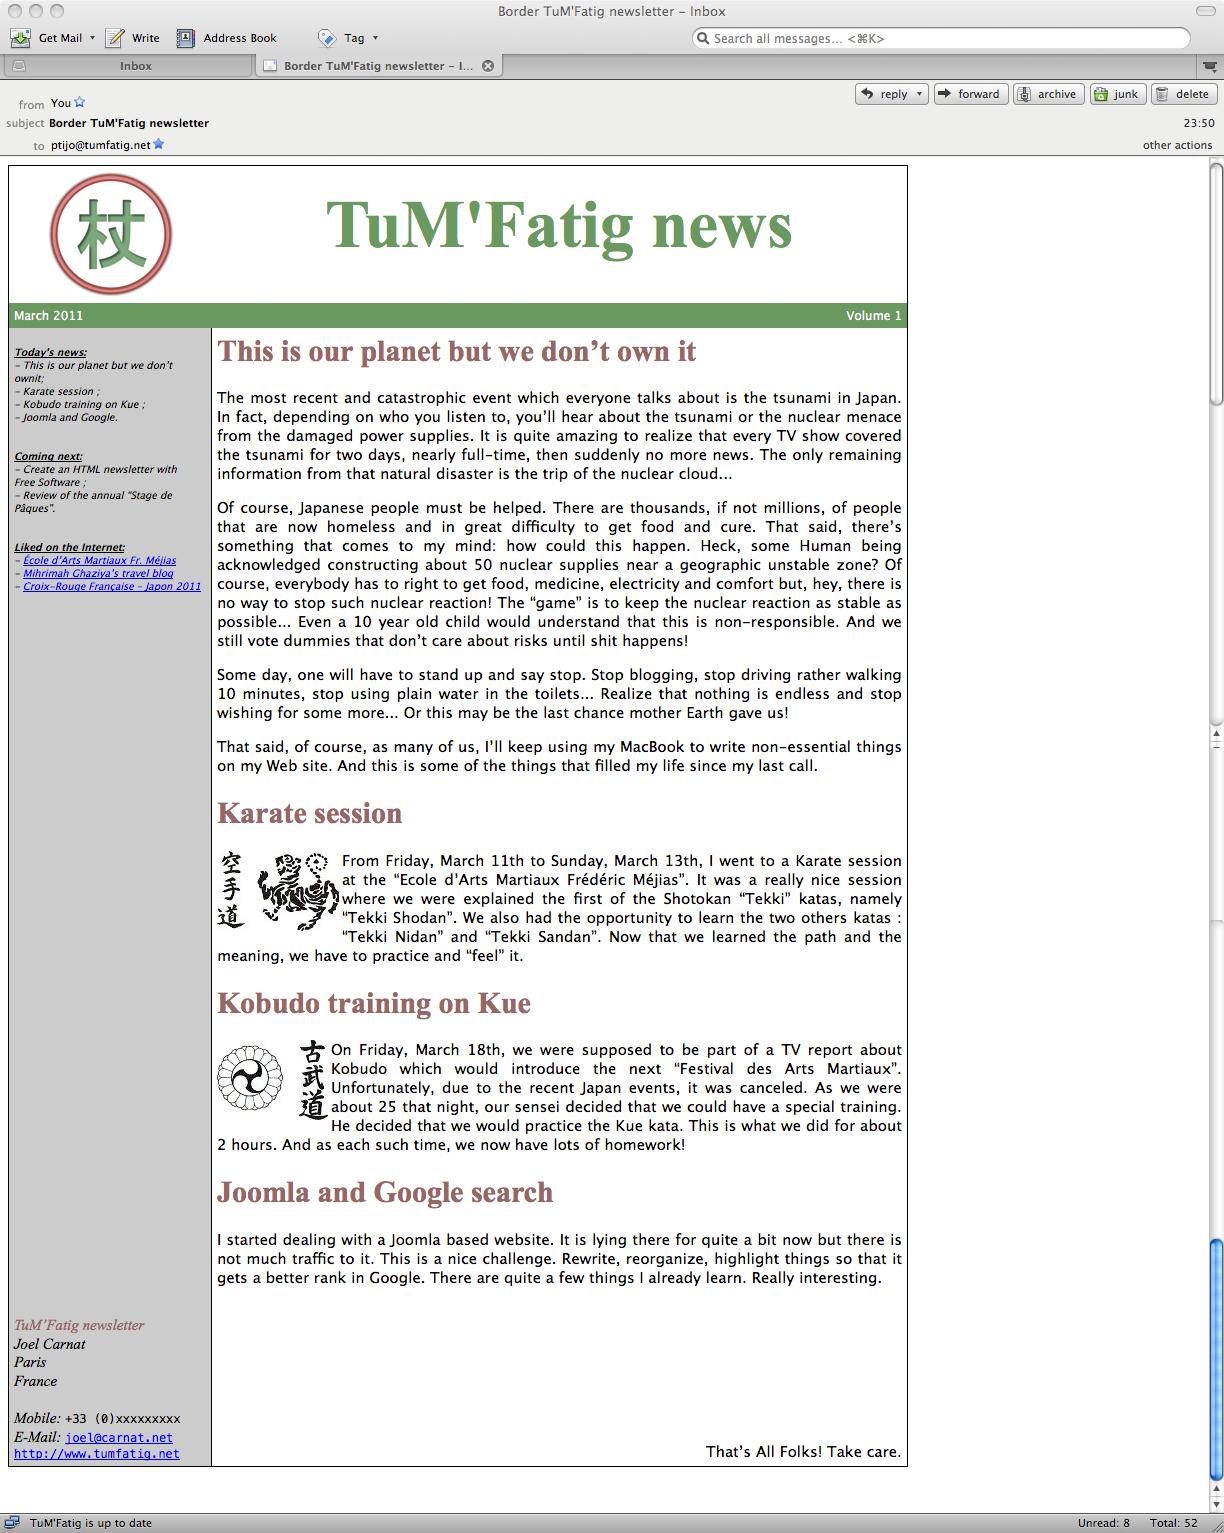 TuM'Fatig HTML newsletter